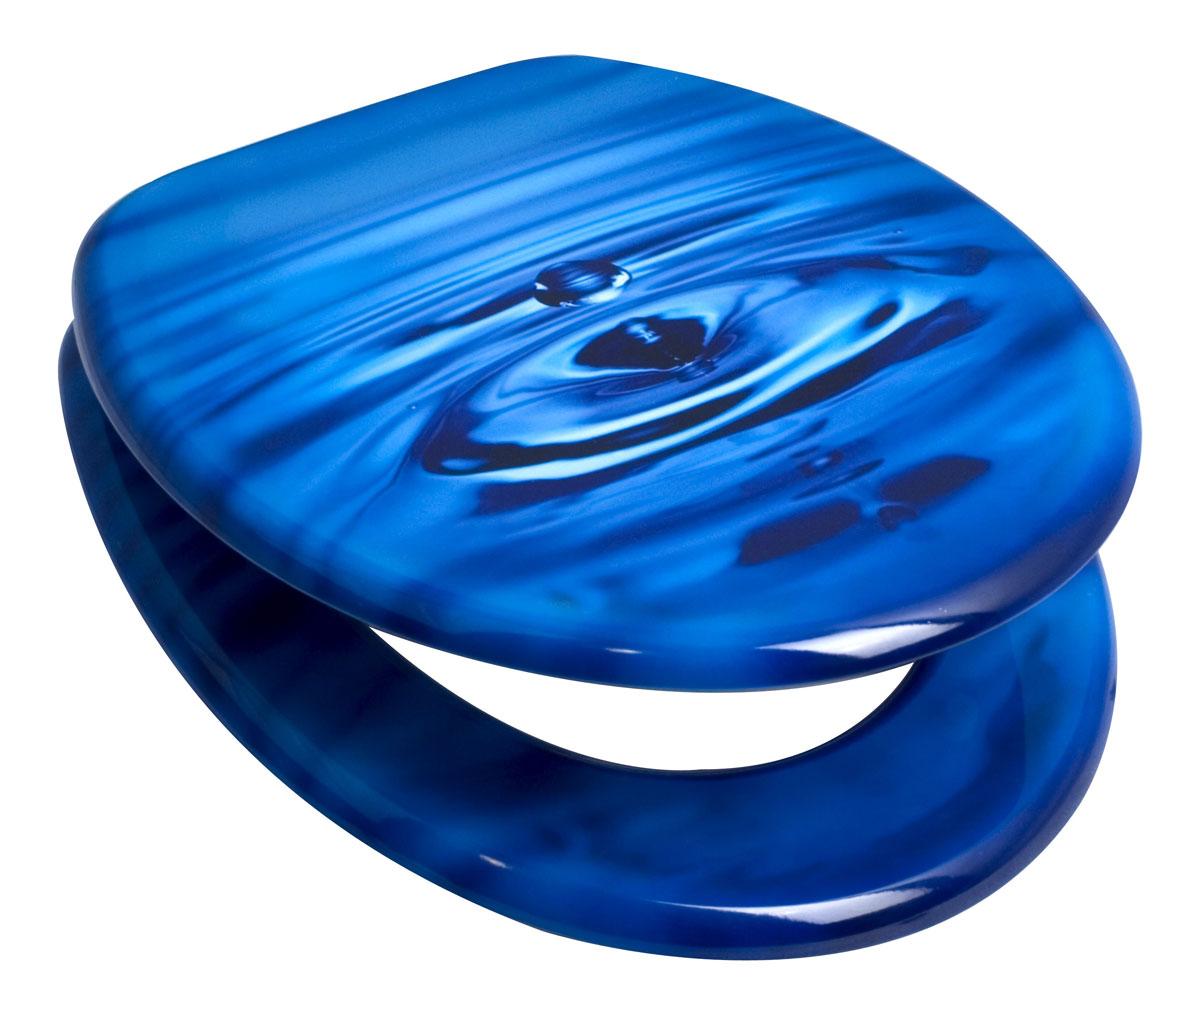 Сиденье для унитаза Duschy Drop, цвет: синий, голубой, 44 х 37 х 5 см 806-03806-03Сиденье для унитаза Duschy Drop, изготовленное из материала МДФ (мелкодисперсная фракция дерева), - это комфорт и гигиеническая чистота на достойном уровне. Плюс МДФ в том, что это экологически чистый материал. МДФ имеет высокую прочность и устойчив к воздействиям влажности, грибков и микроорганизмов. Сиденье сине-голубого цвета украшено изображением водной поверхности. Антибактериальное покрытие сиденья защищает от микробов. Крепление регулируемое - от 11 до 21 см. Сиденье для унитаза Duschy Drop упаковано в коробку с удобной пластиковой ручкой и имеет инструкцию по сборке и установке на обратной стороне. Металлические шурупы и пластиковые крепления входят в комплект.